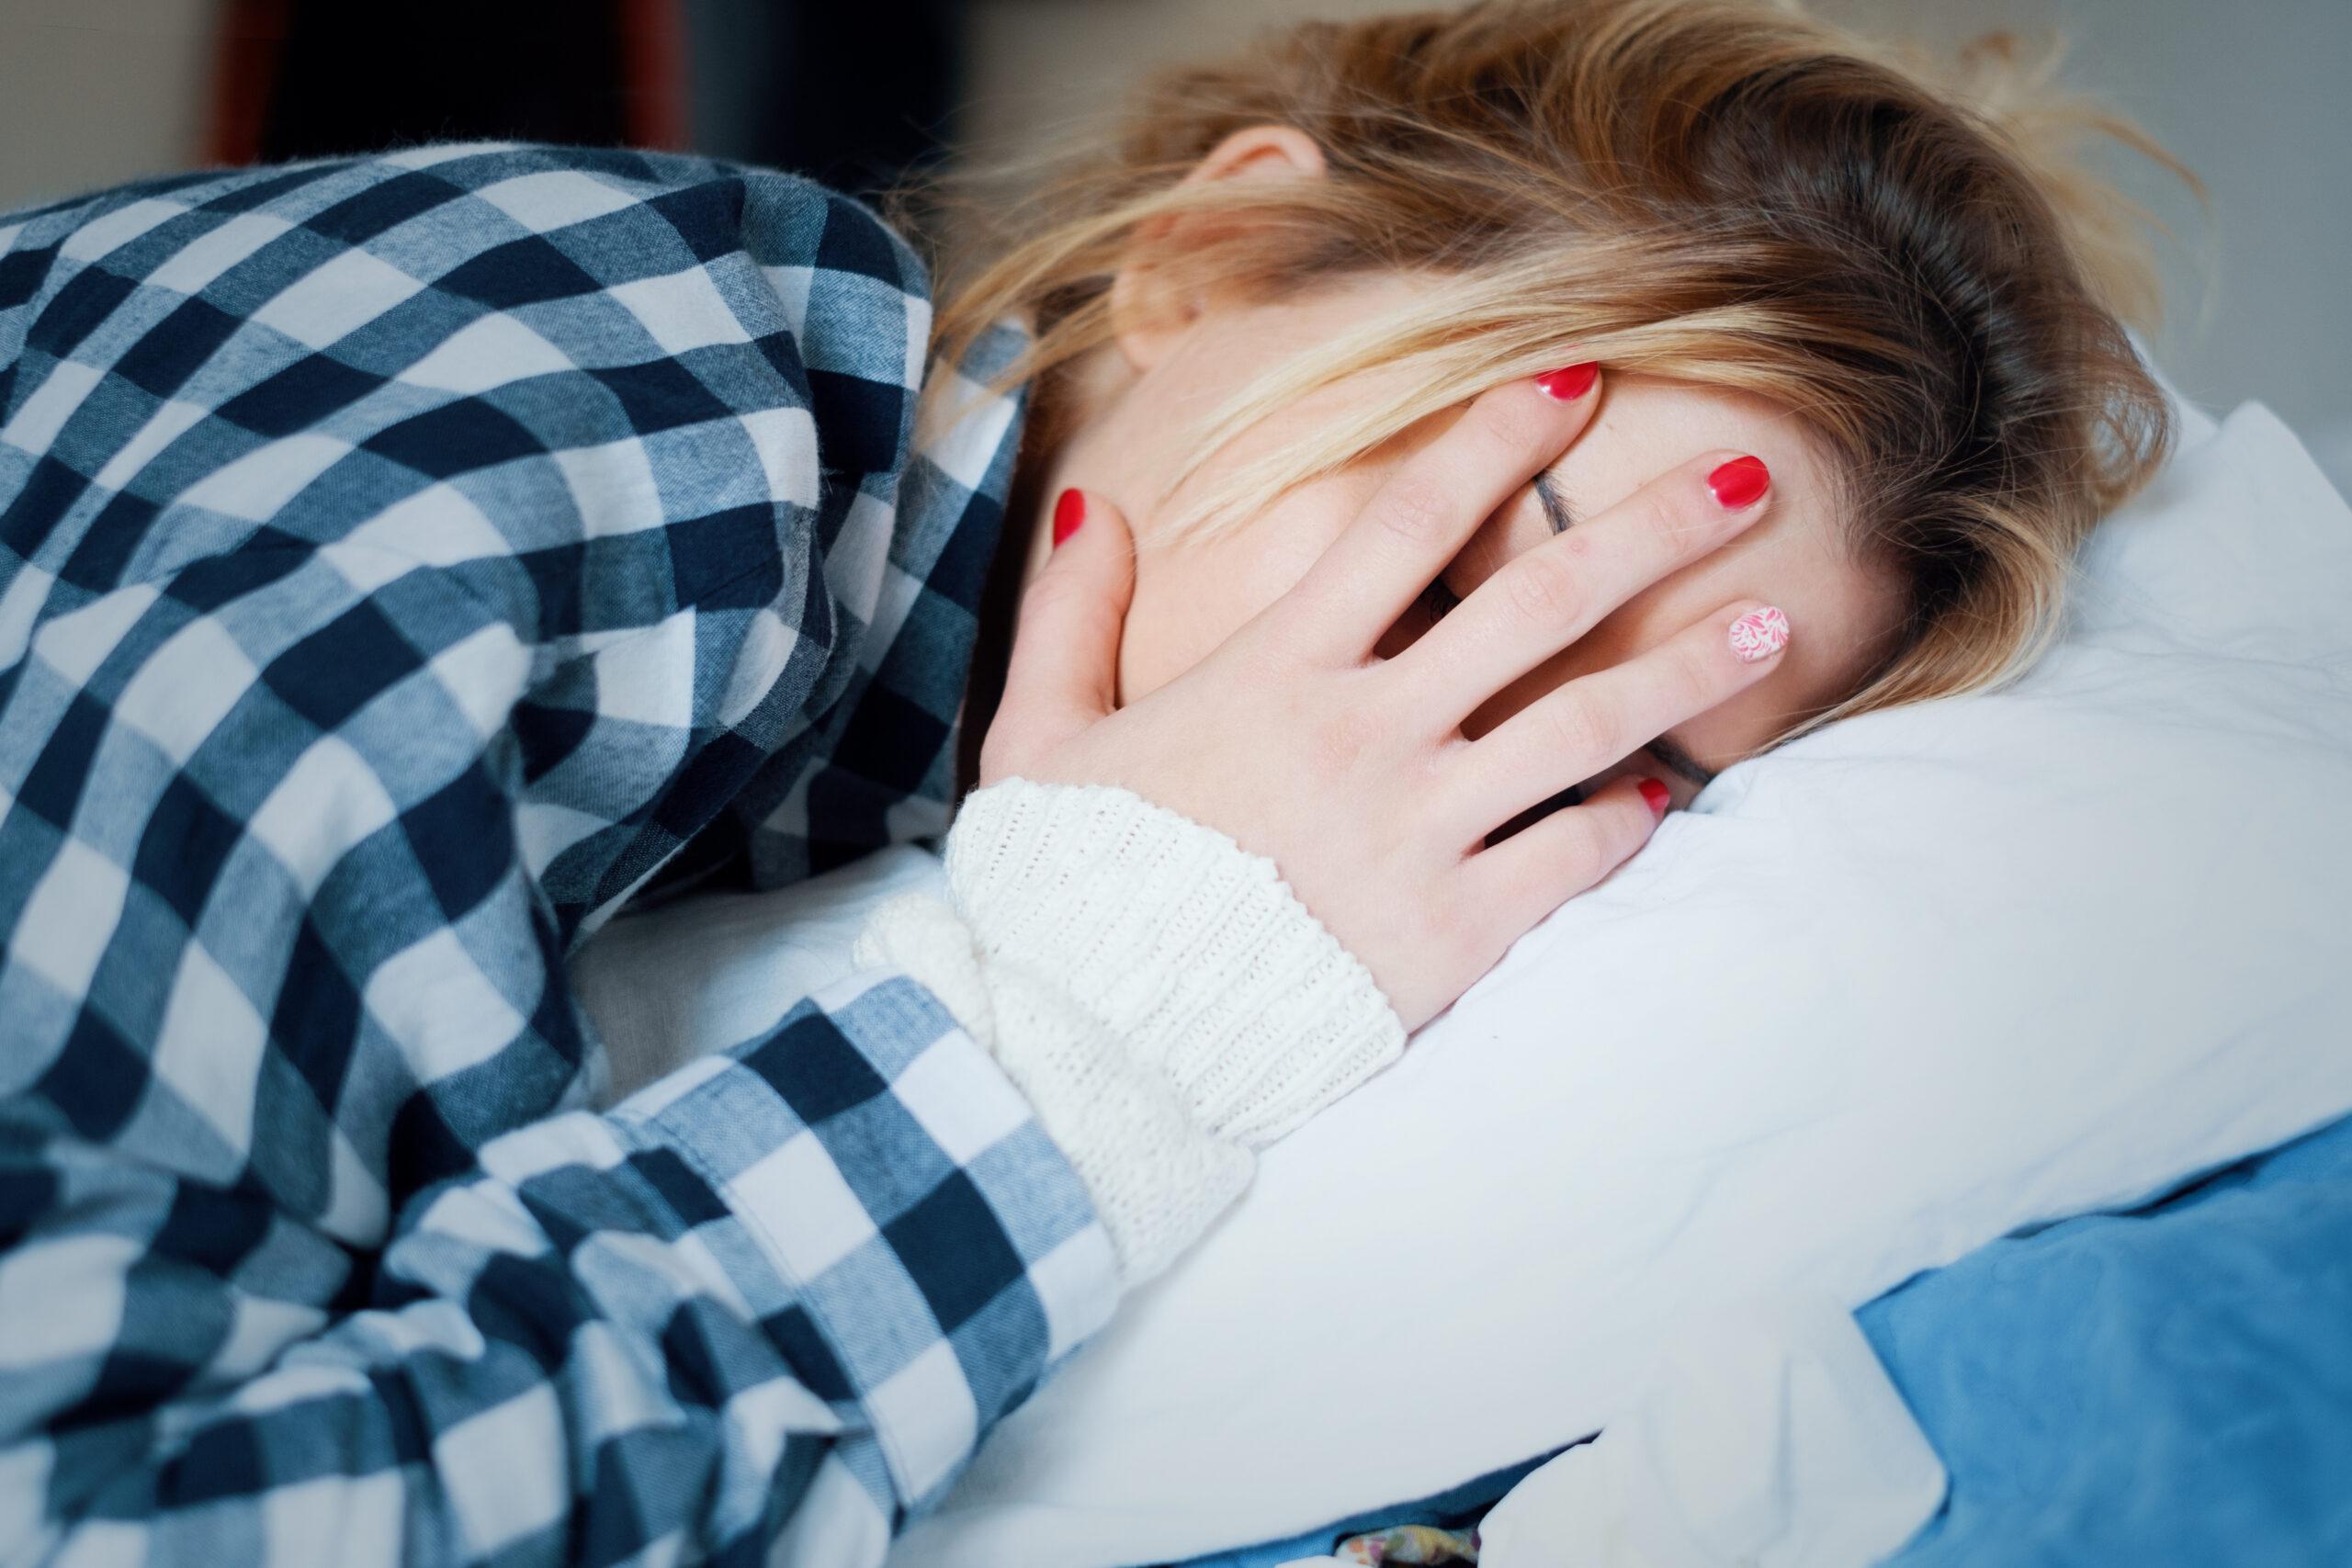 (1)1.5時間周期のレム睡眠を狙う